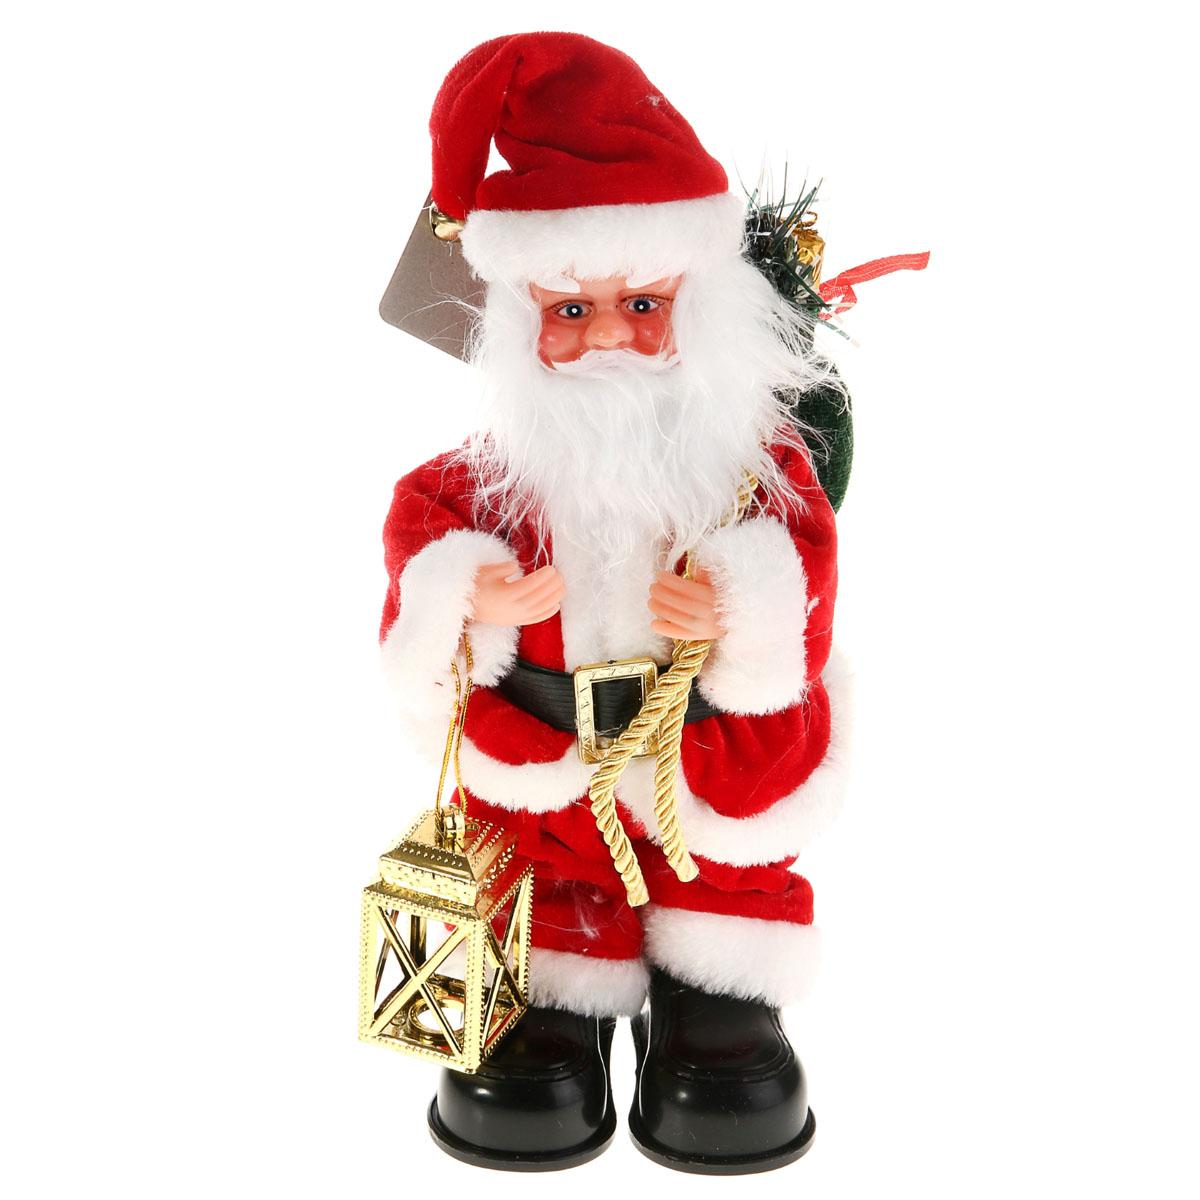 Новогодняя декоративная фигурка Sima-land Дед Мороз, анимированная, высота 28 см. 827819 новогодняя декоративная фигурка sima land дед мороз анимированная высота 28 см 827820